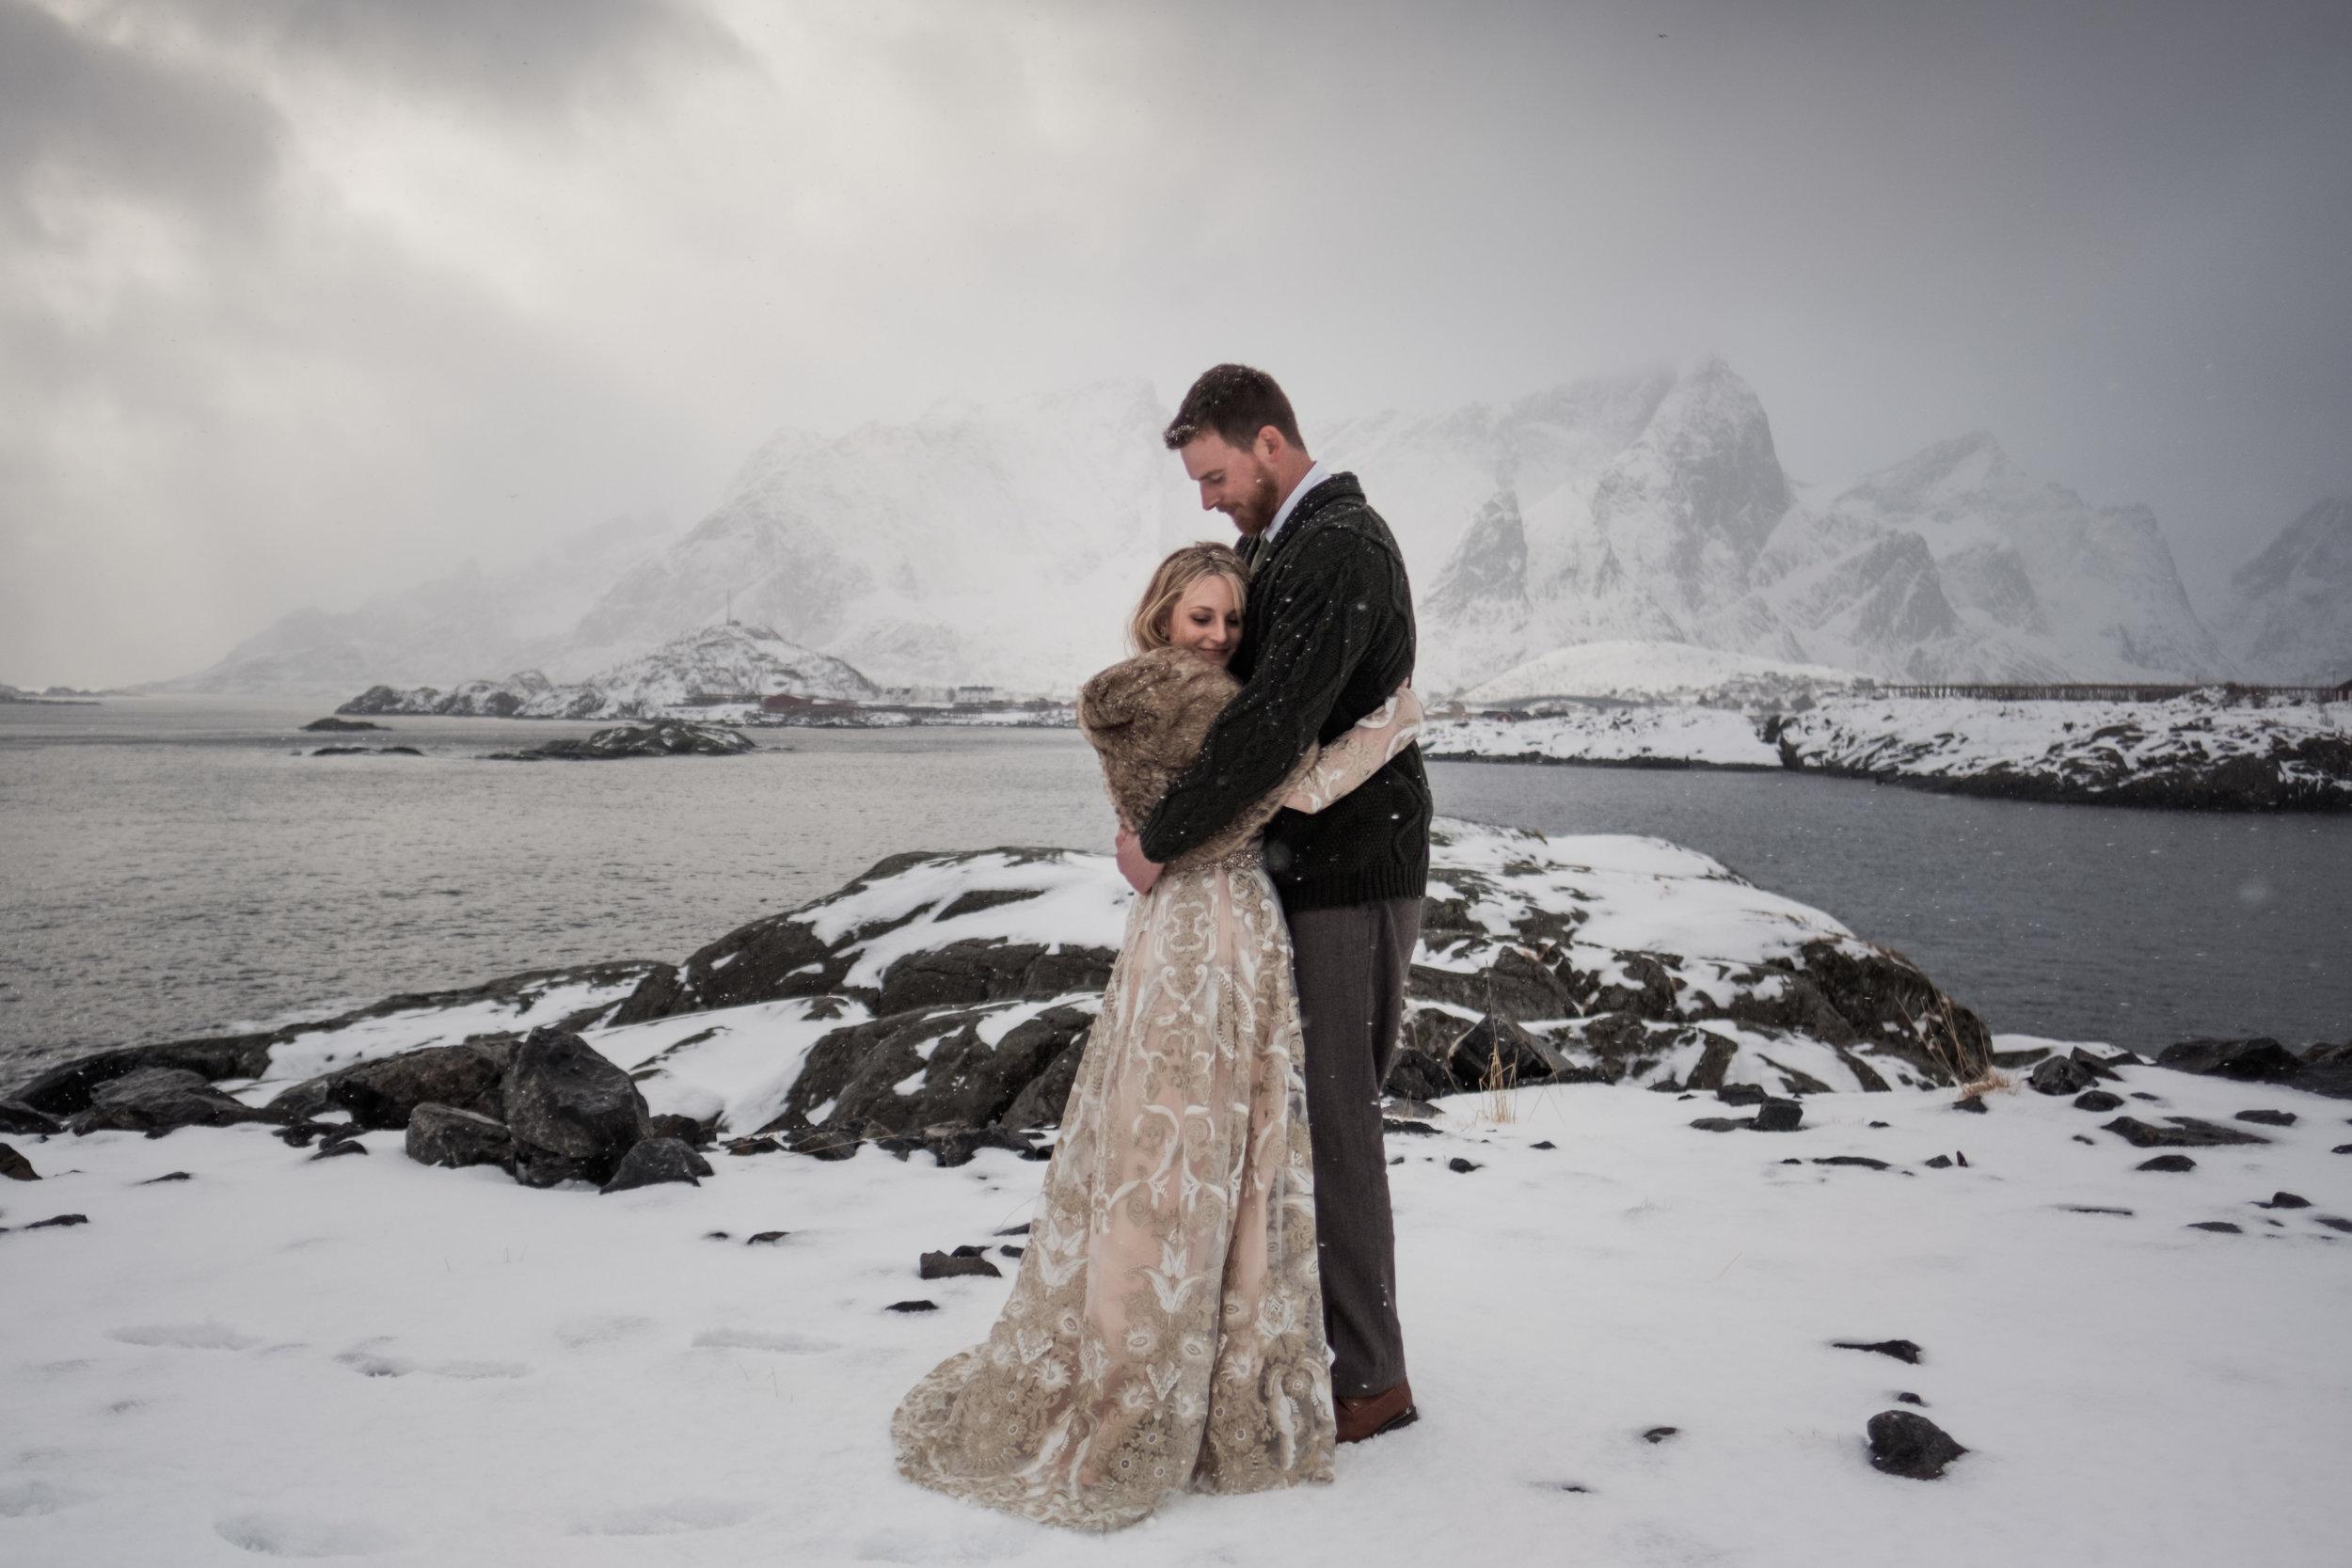 norwegian wedding + elopement in scandinavia